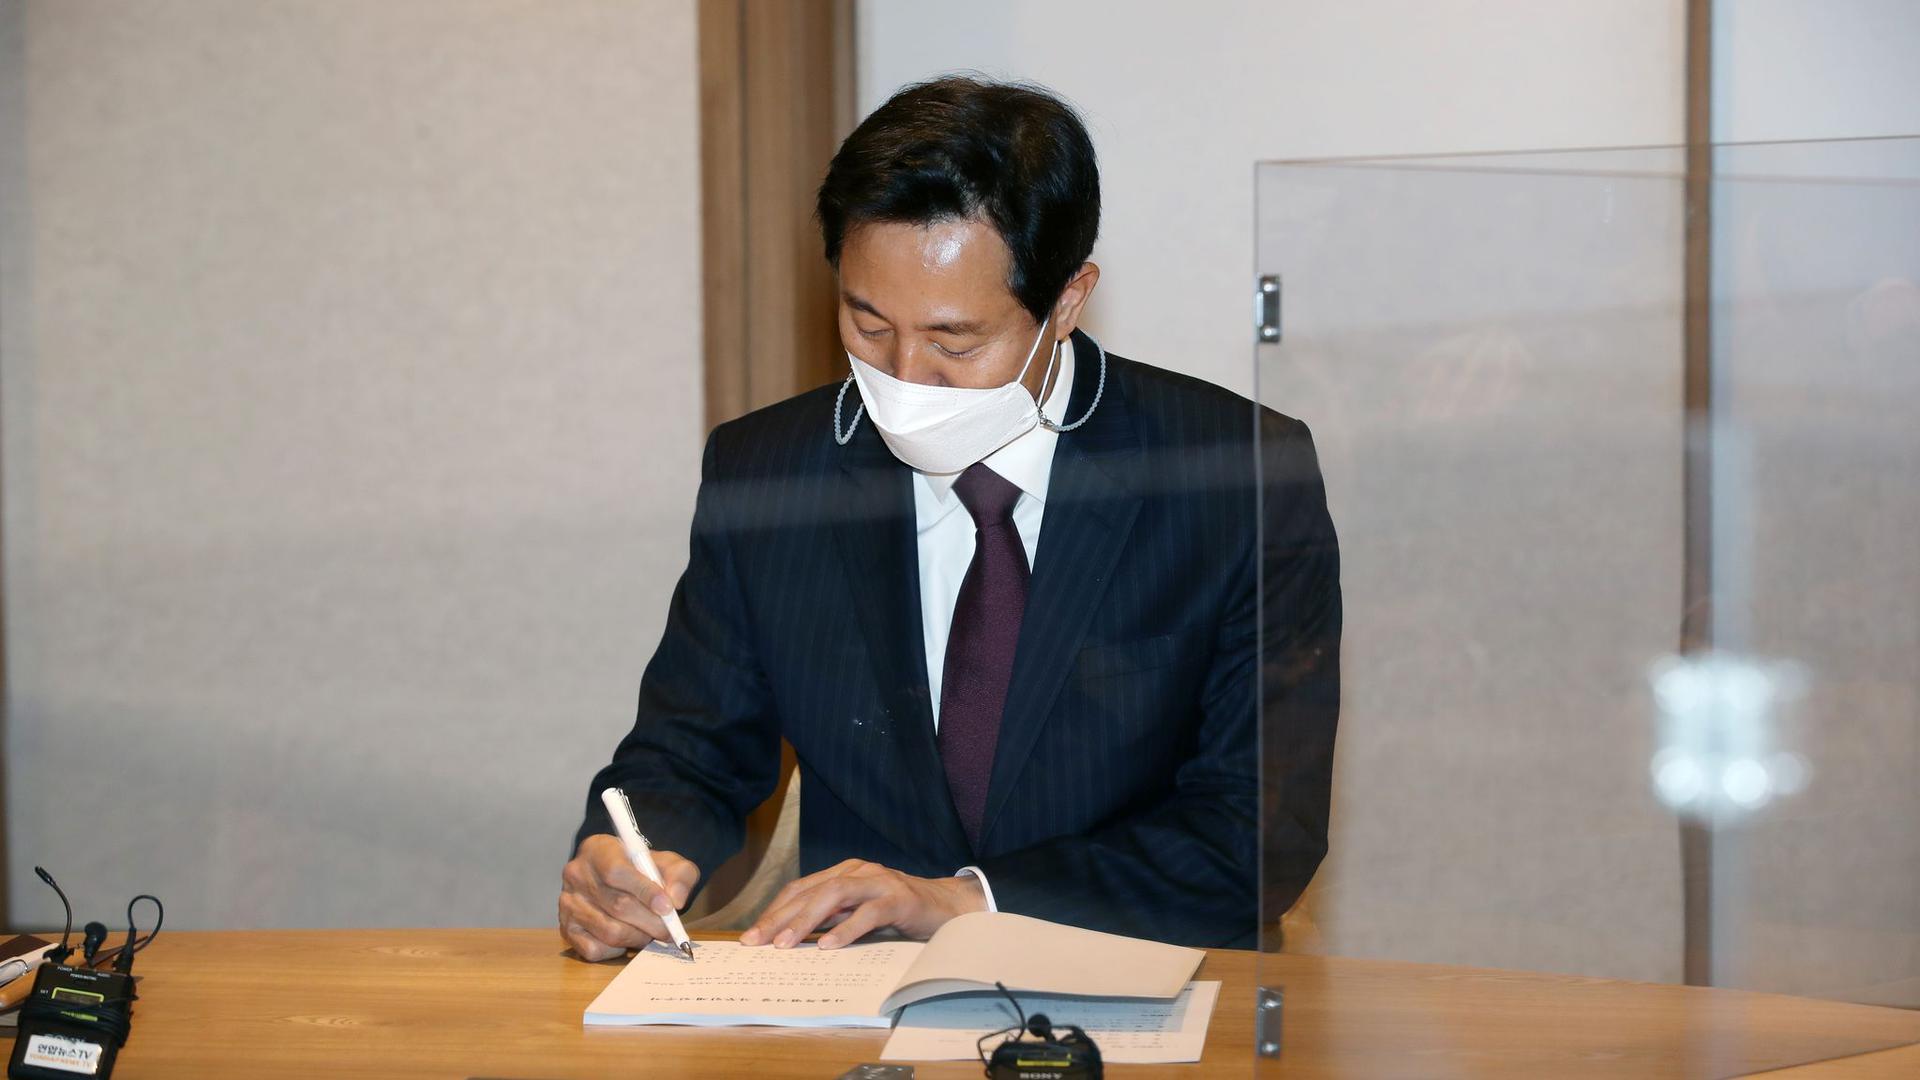 """Oh Se Hoon, Kandidat für die Bügermeisterwahl in Seoul, gewinnt die Nachwahlen für die oppositionelle """"People Power Party""""."""